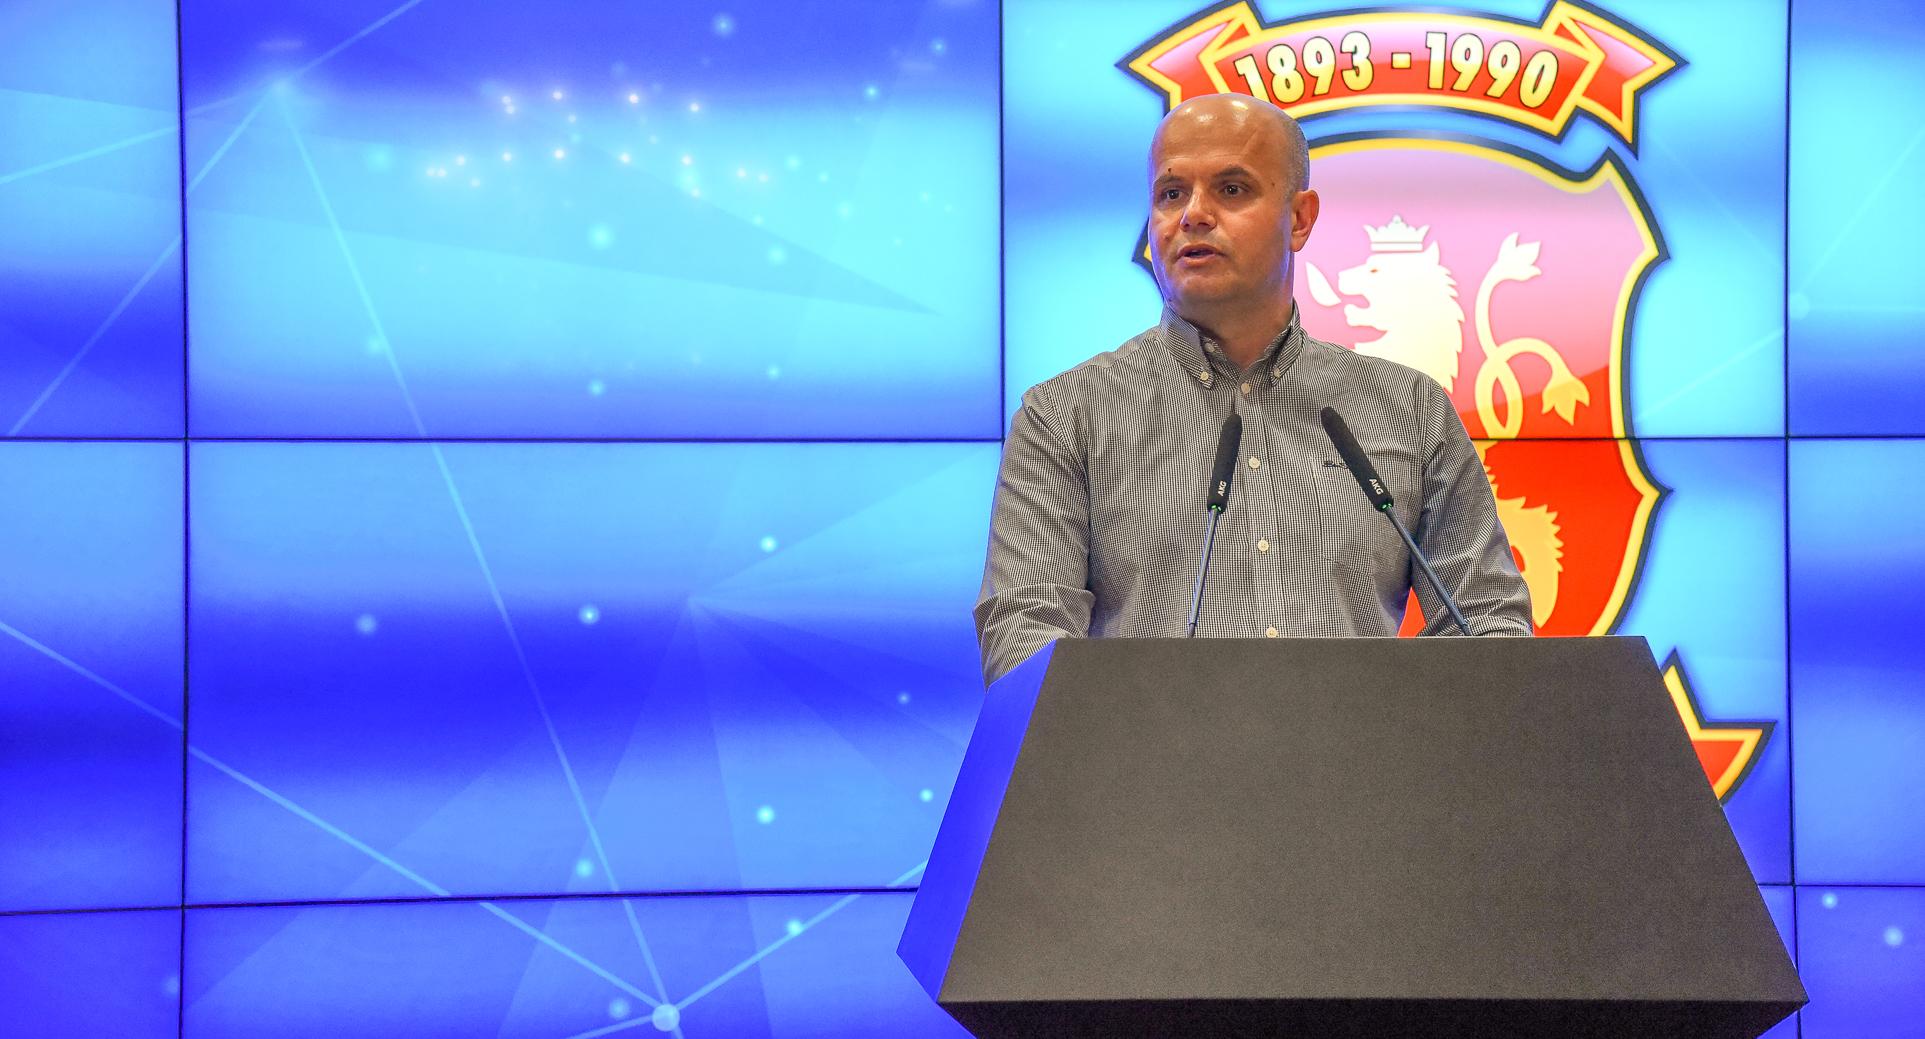 ВМРО ДПМНЕ  Доколку Заев сака да ја реализира платформата  нека излезе со неа на избори